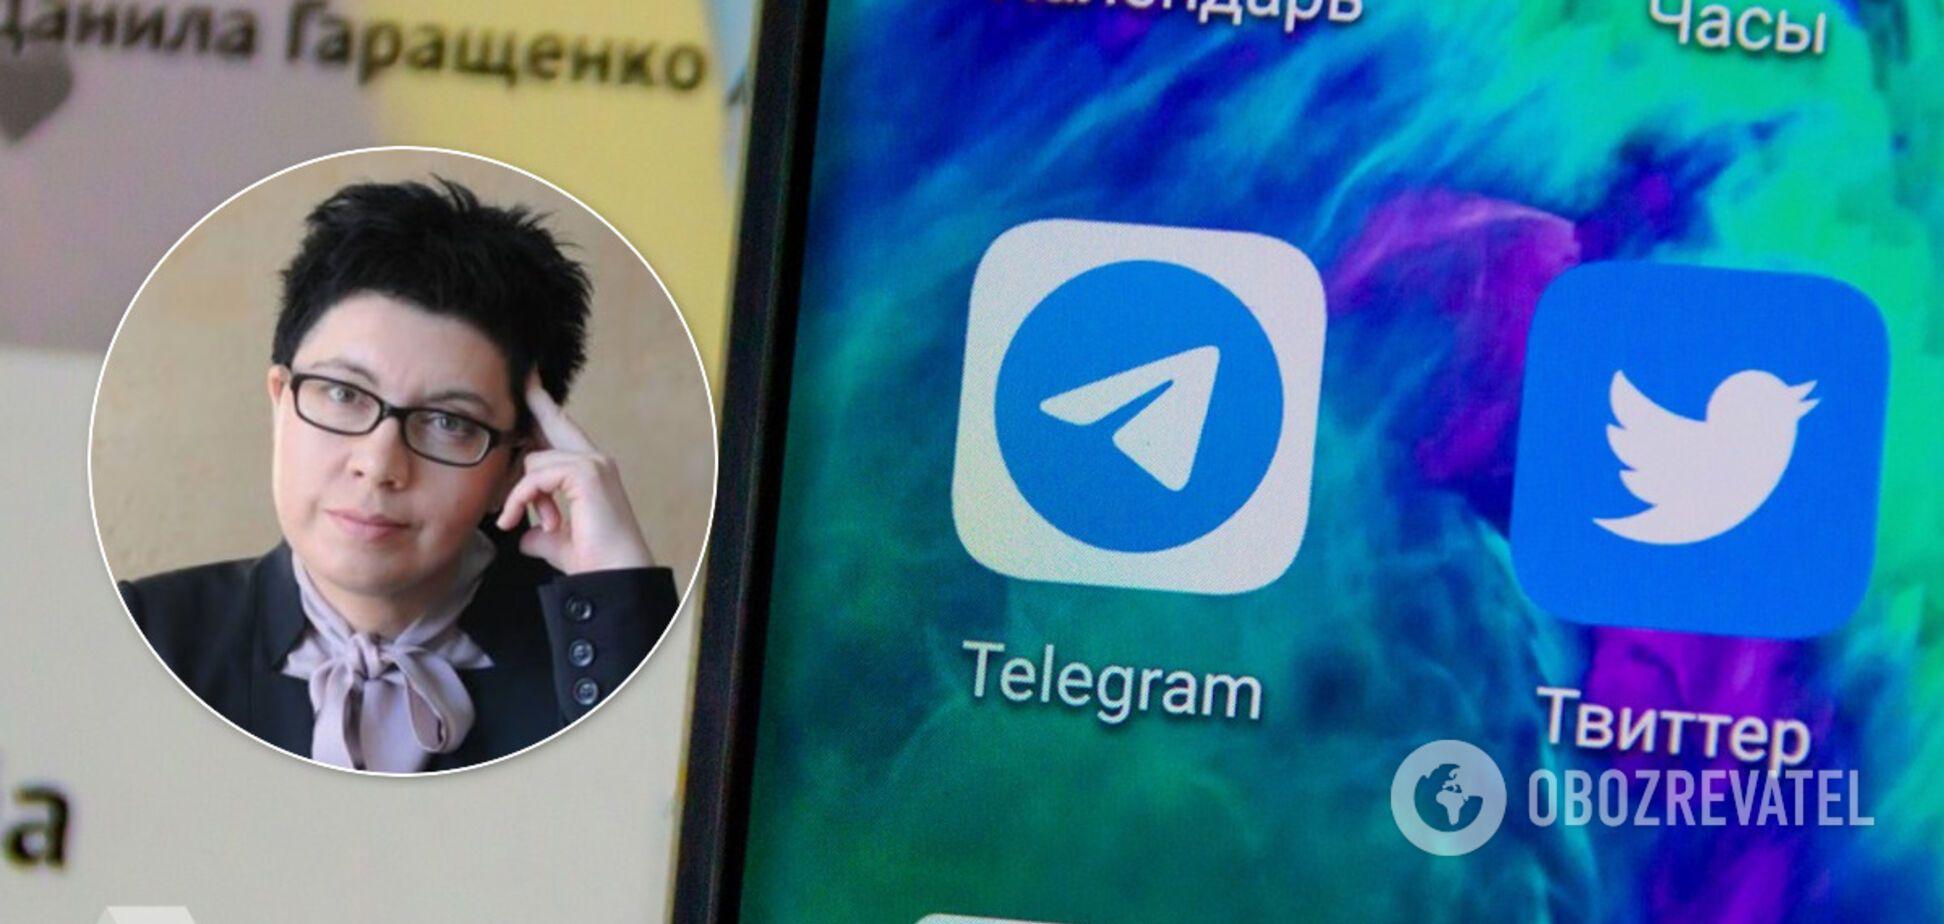 Подгорная предложила запретить Telegram в Украине: посыпалась критика